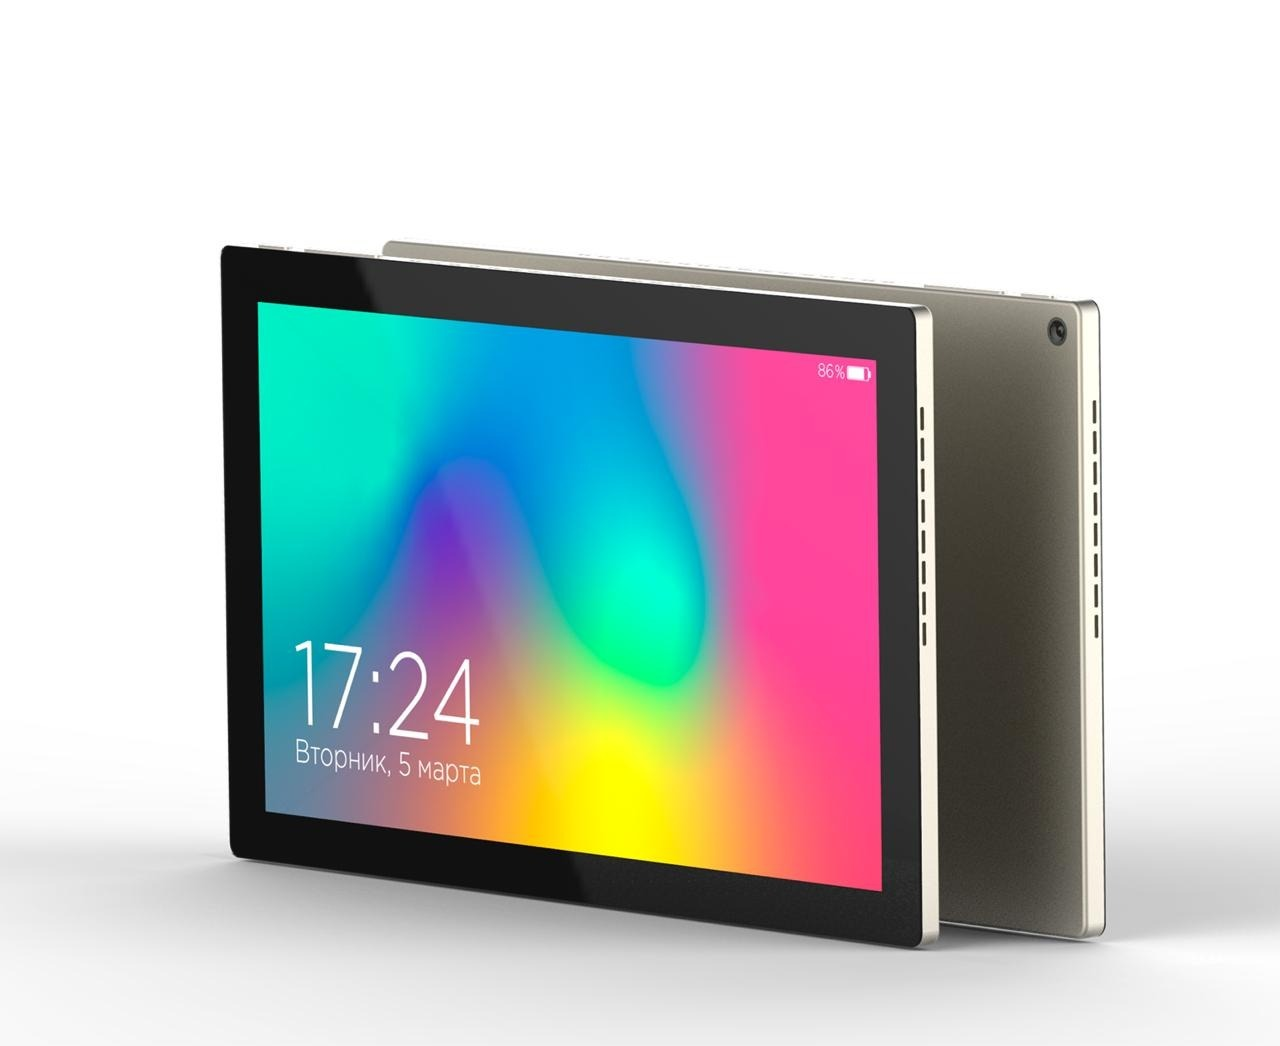 В России выпустили «гражданский» отечественный планшет на процессоре «Эльбрус» - 1